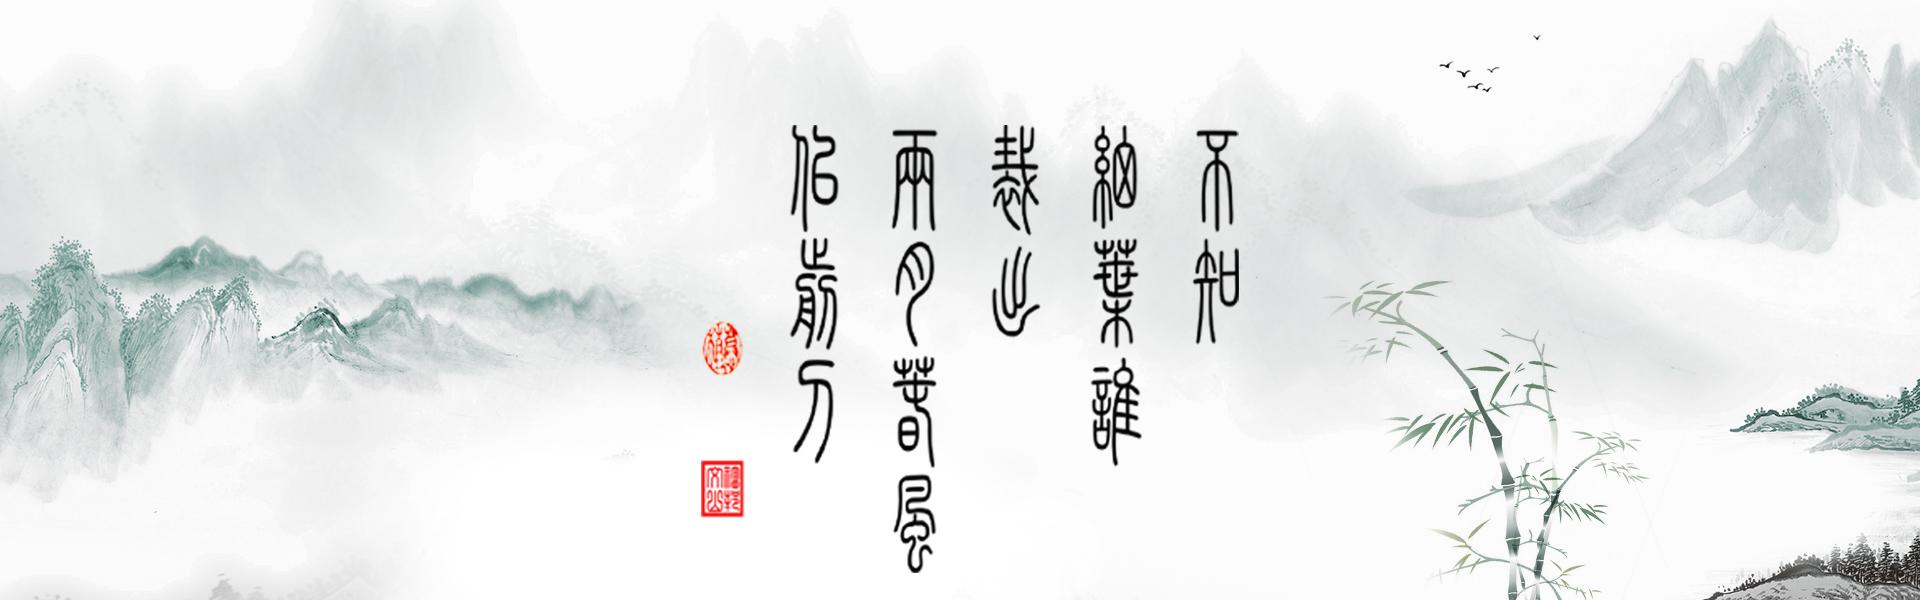 水墨中国风背景图片 付费下载测试贴